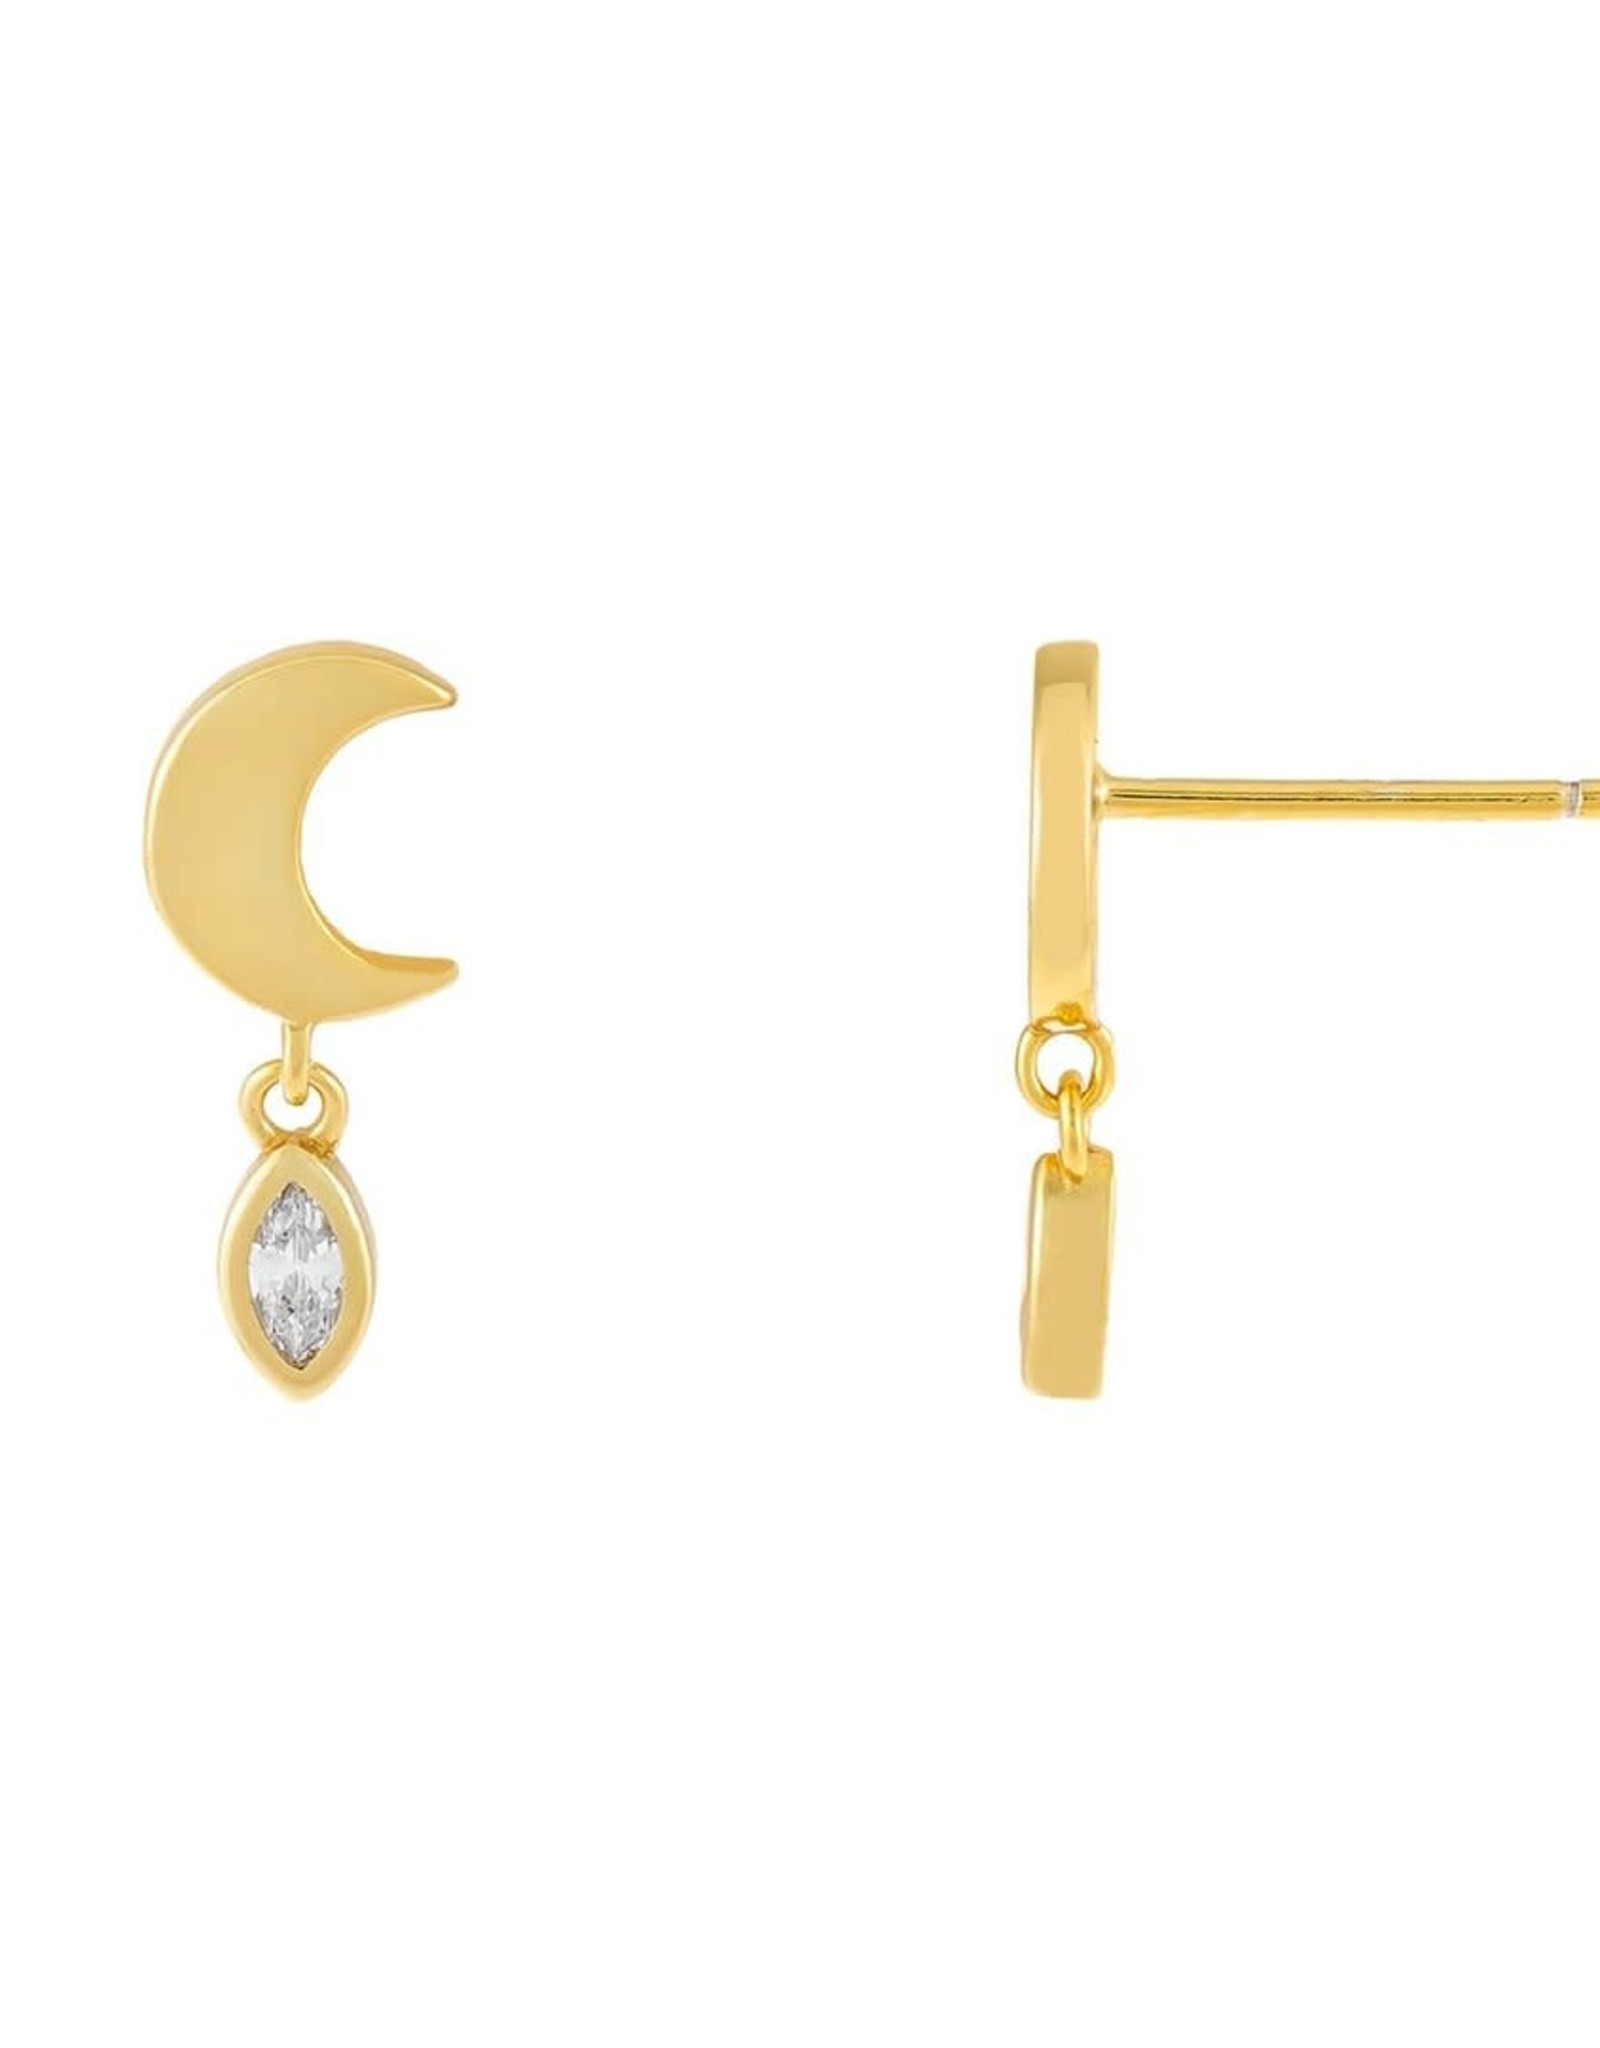 Adinas CZ Teardrop Moon Stud Earrings